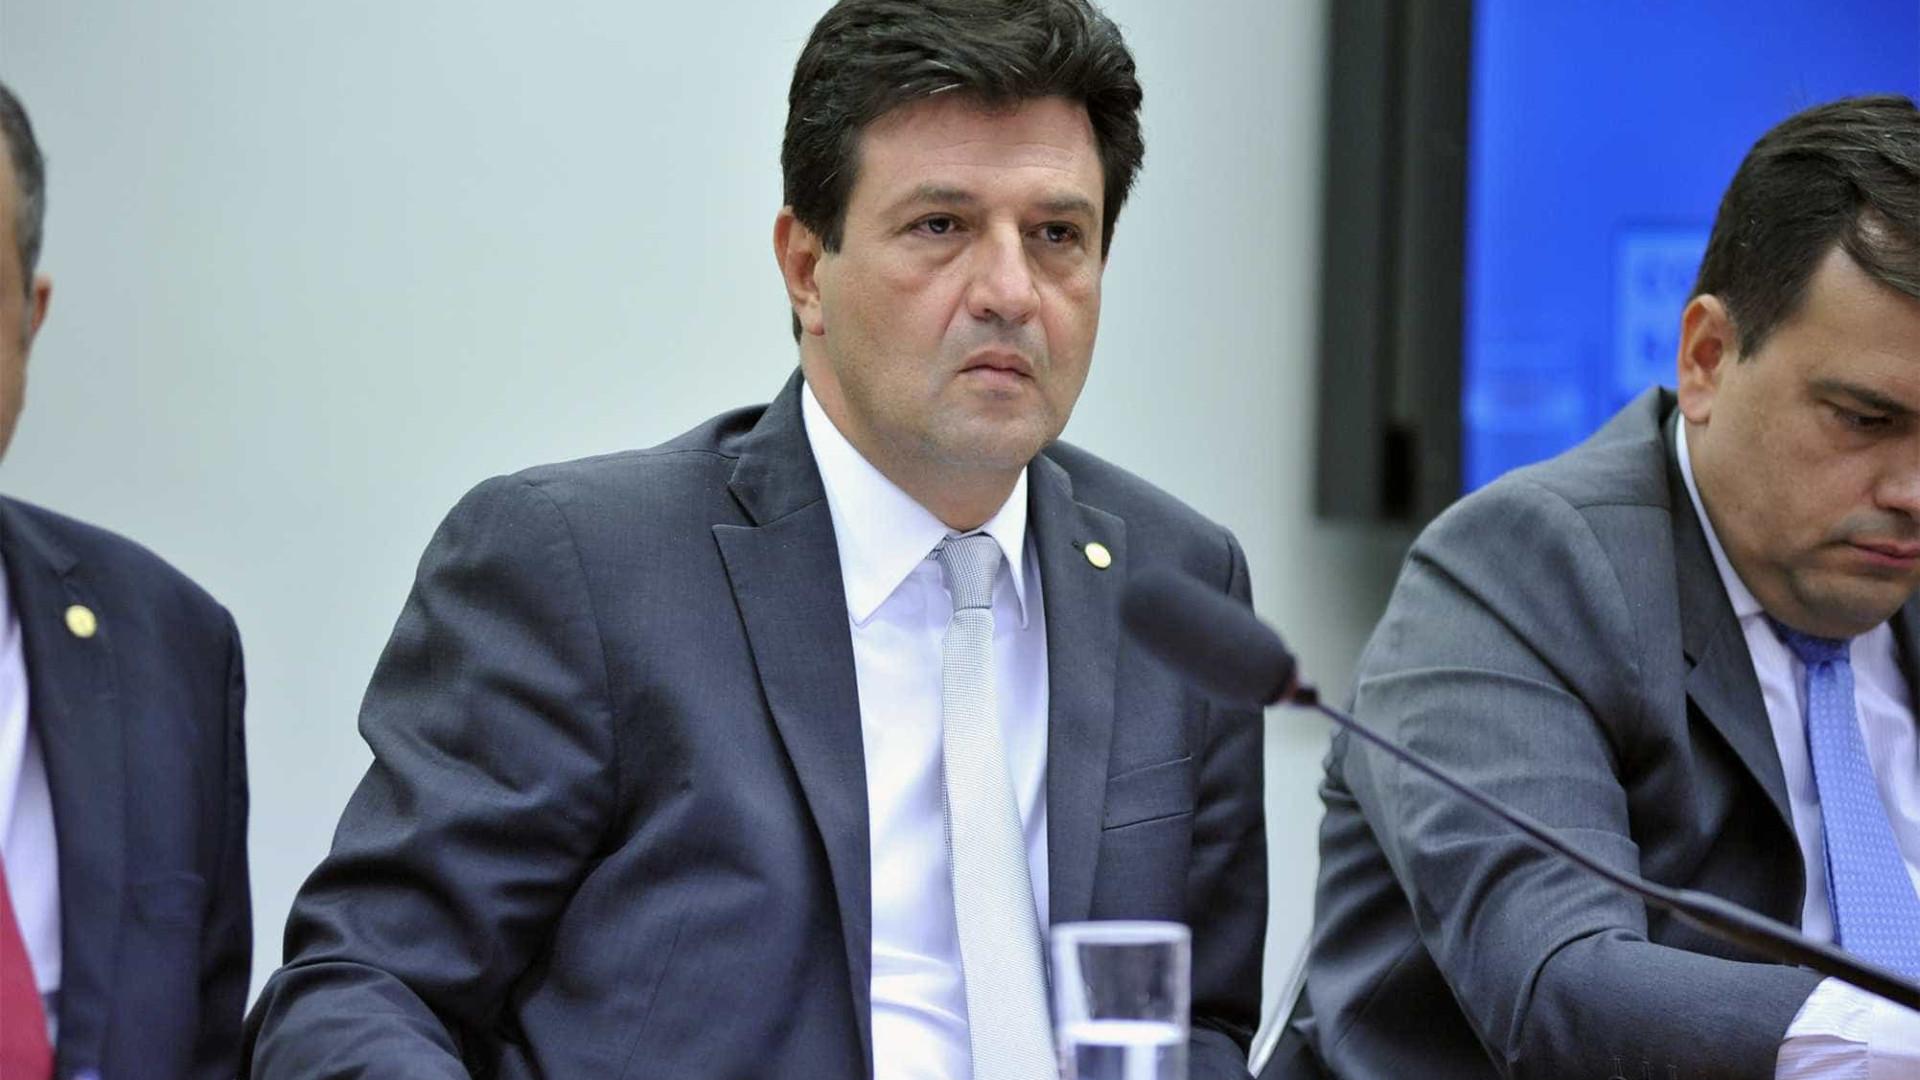 Ministério da Saúde afirma que 'errou' ao pedir R$ 410 bilhões a Guedes